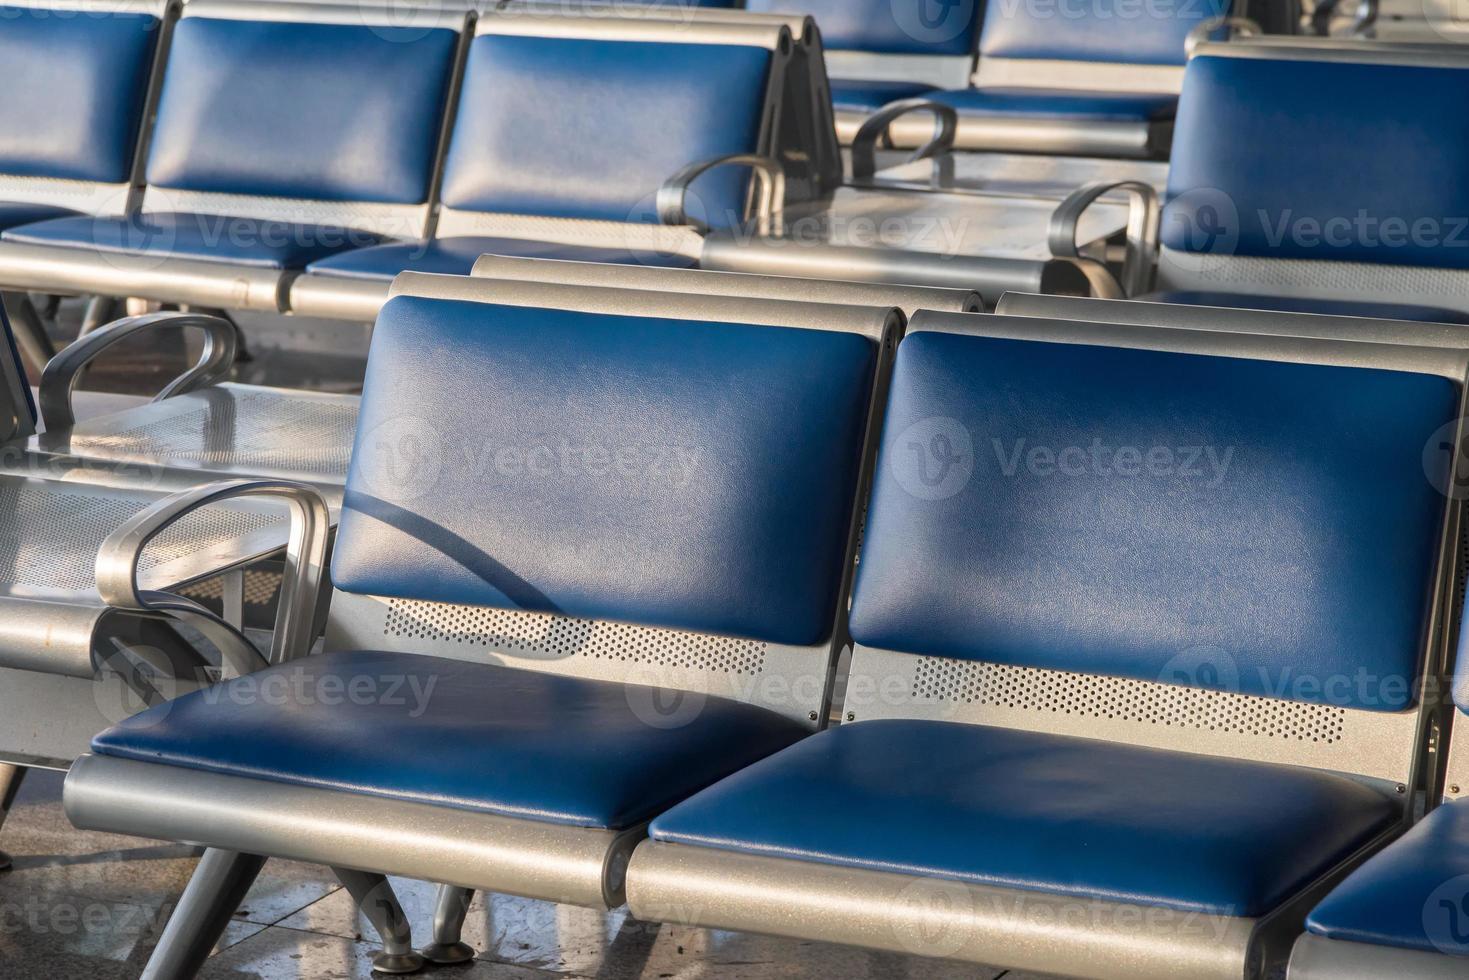 sedie dell'aeroporto per l'attesa al volo, colpo alto chiuso foto